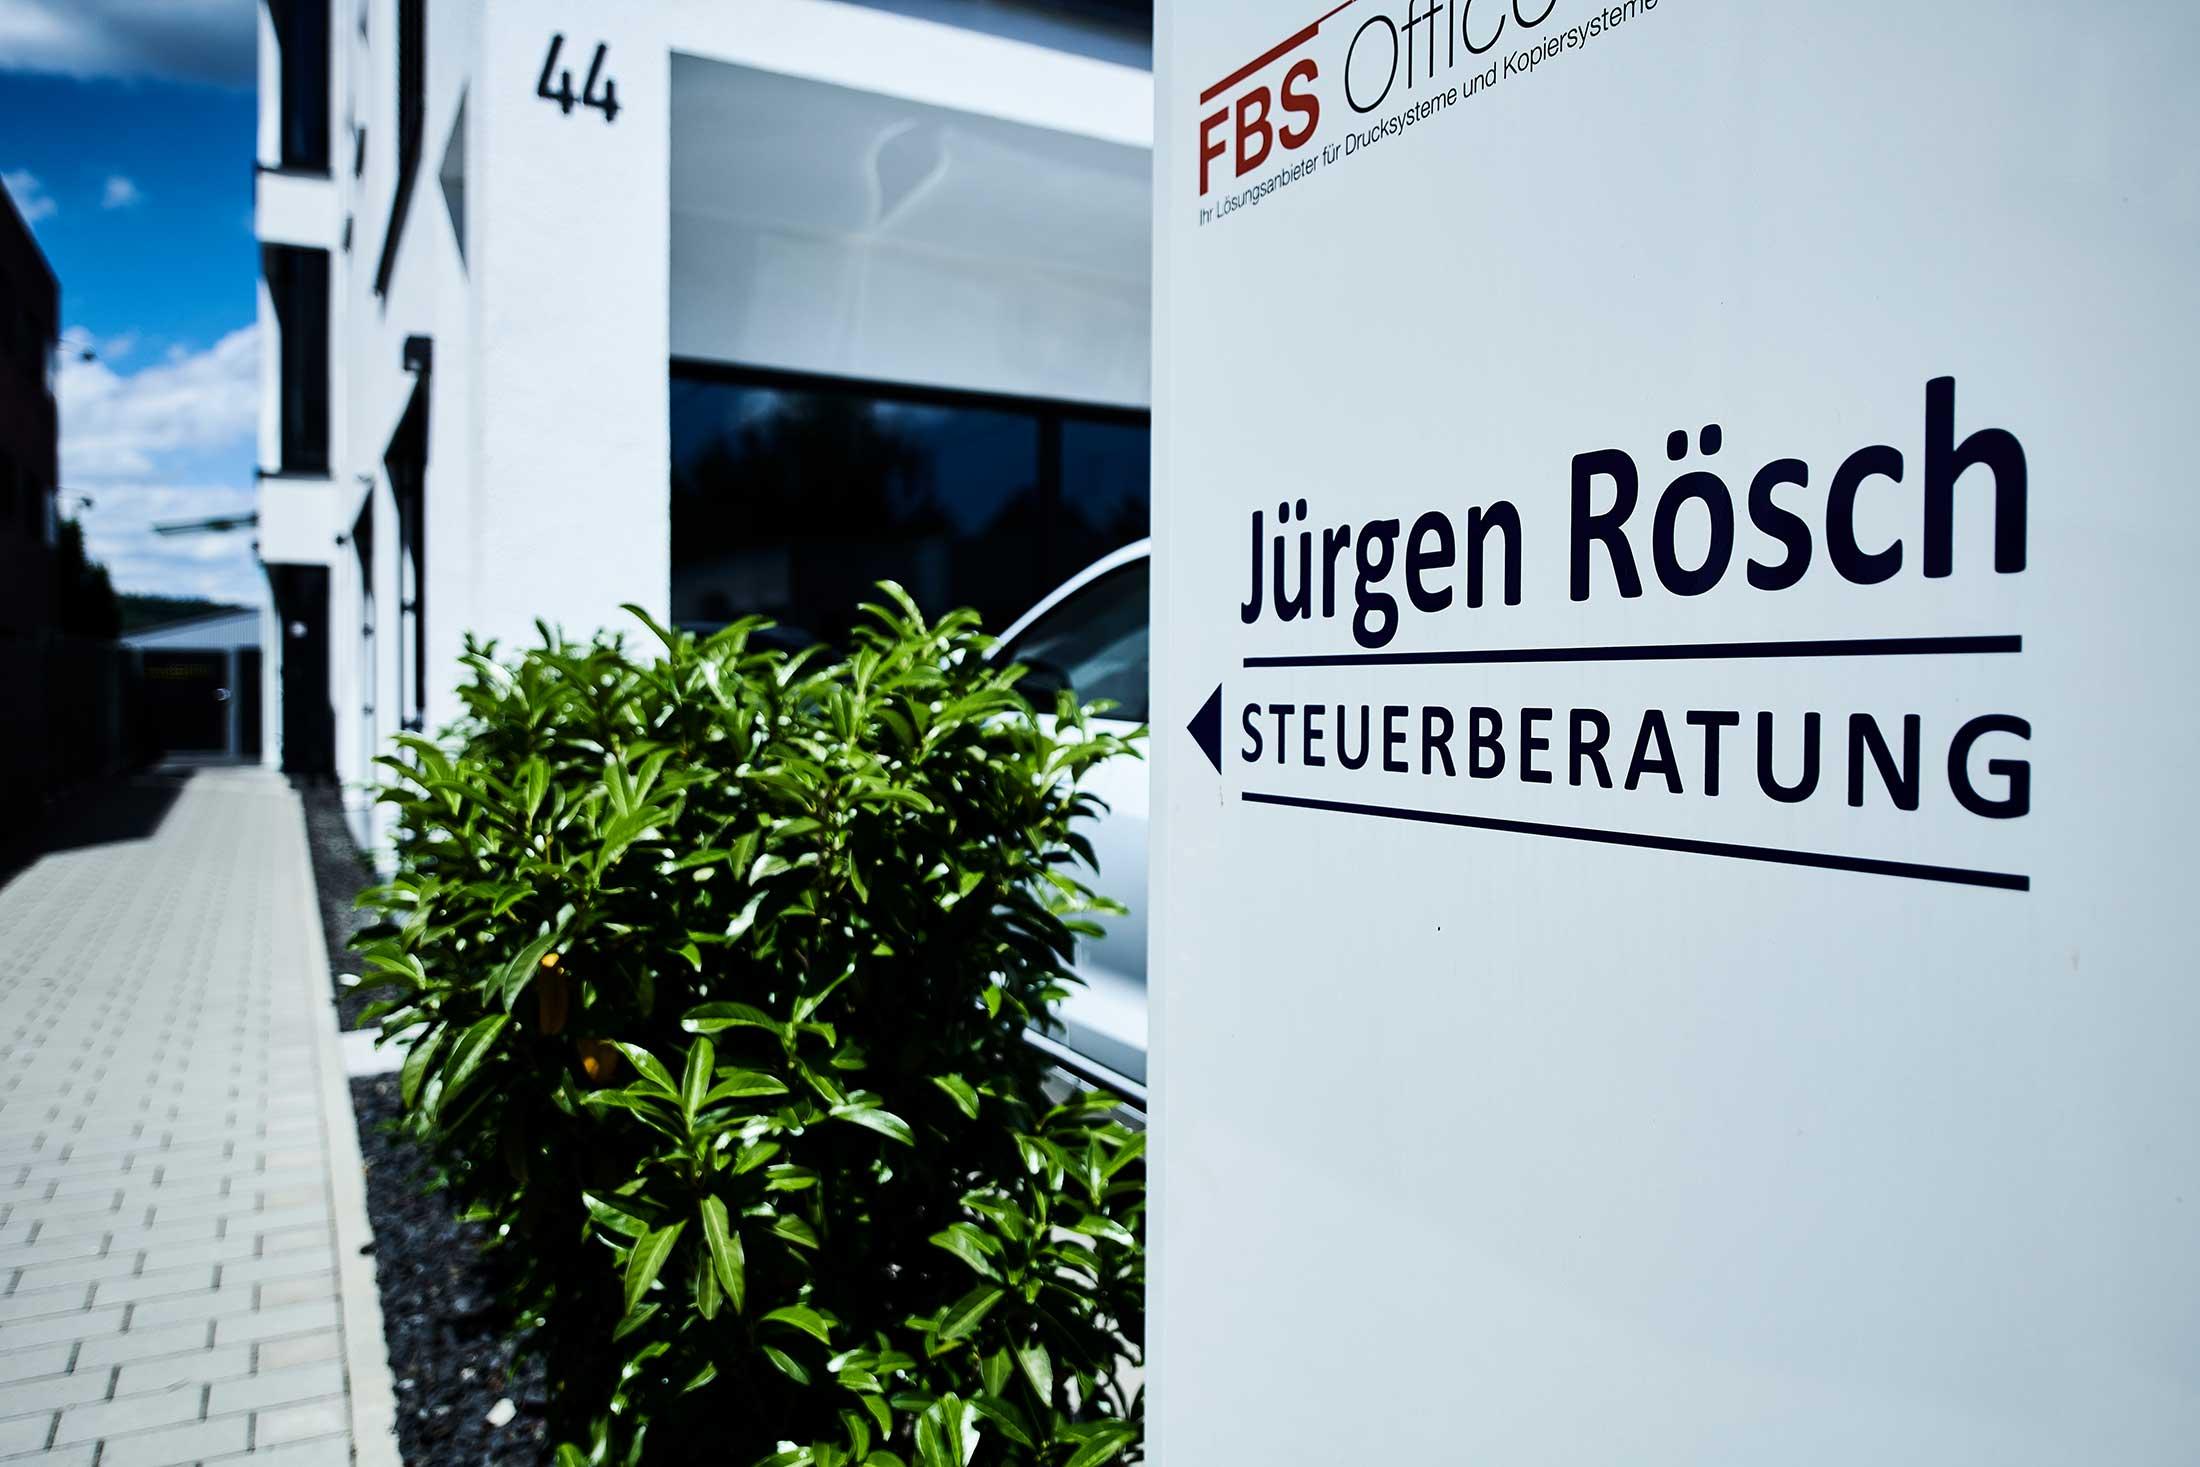 Jürgen Rösch Steuerberatung